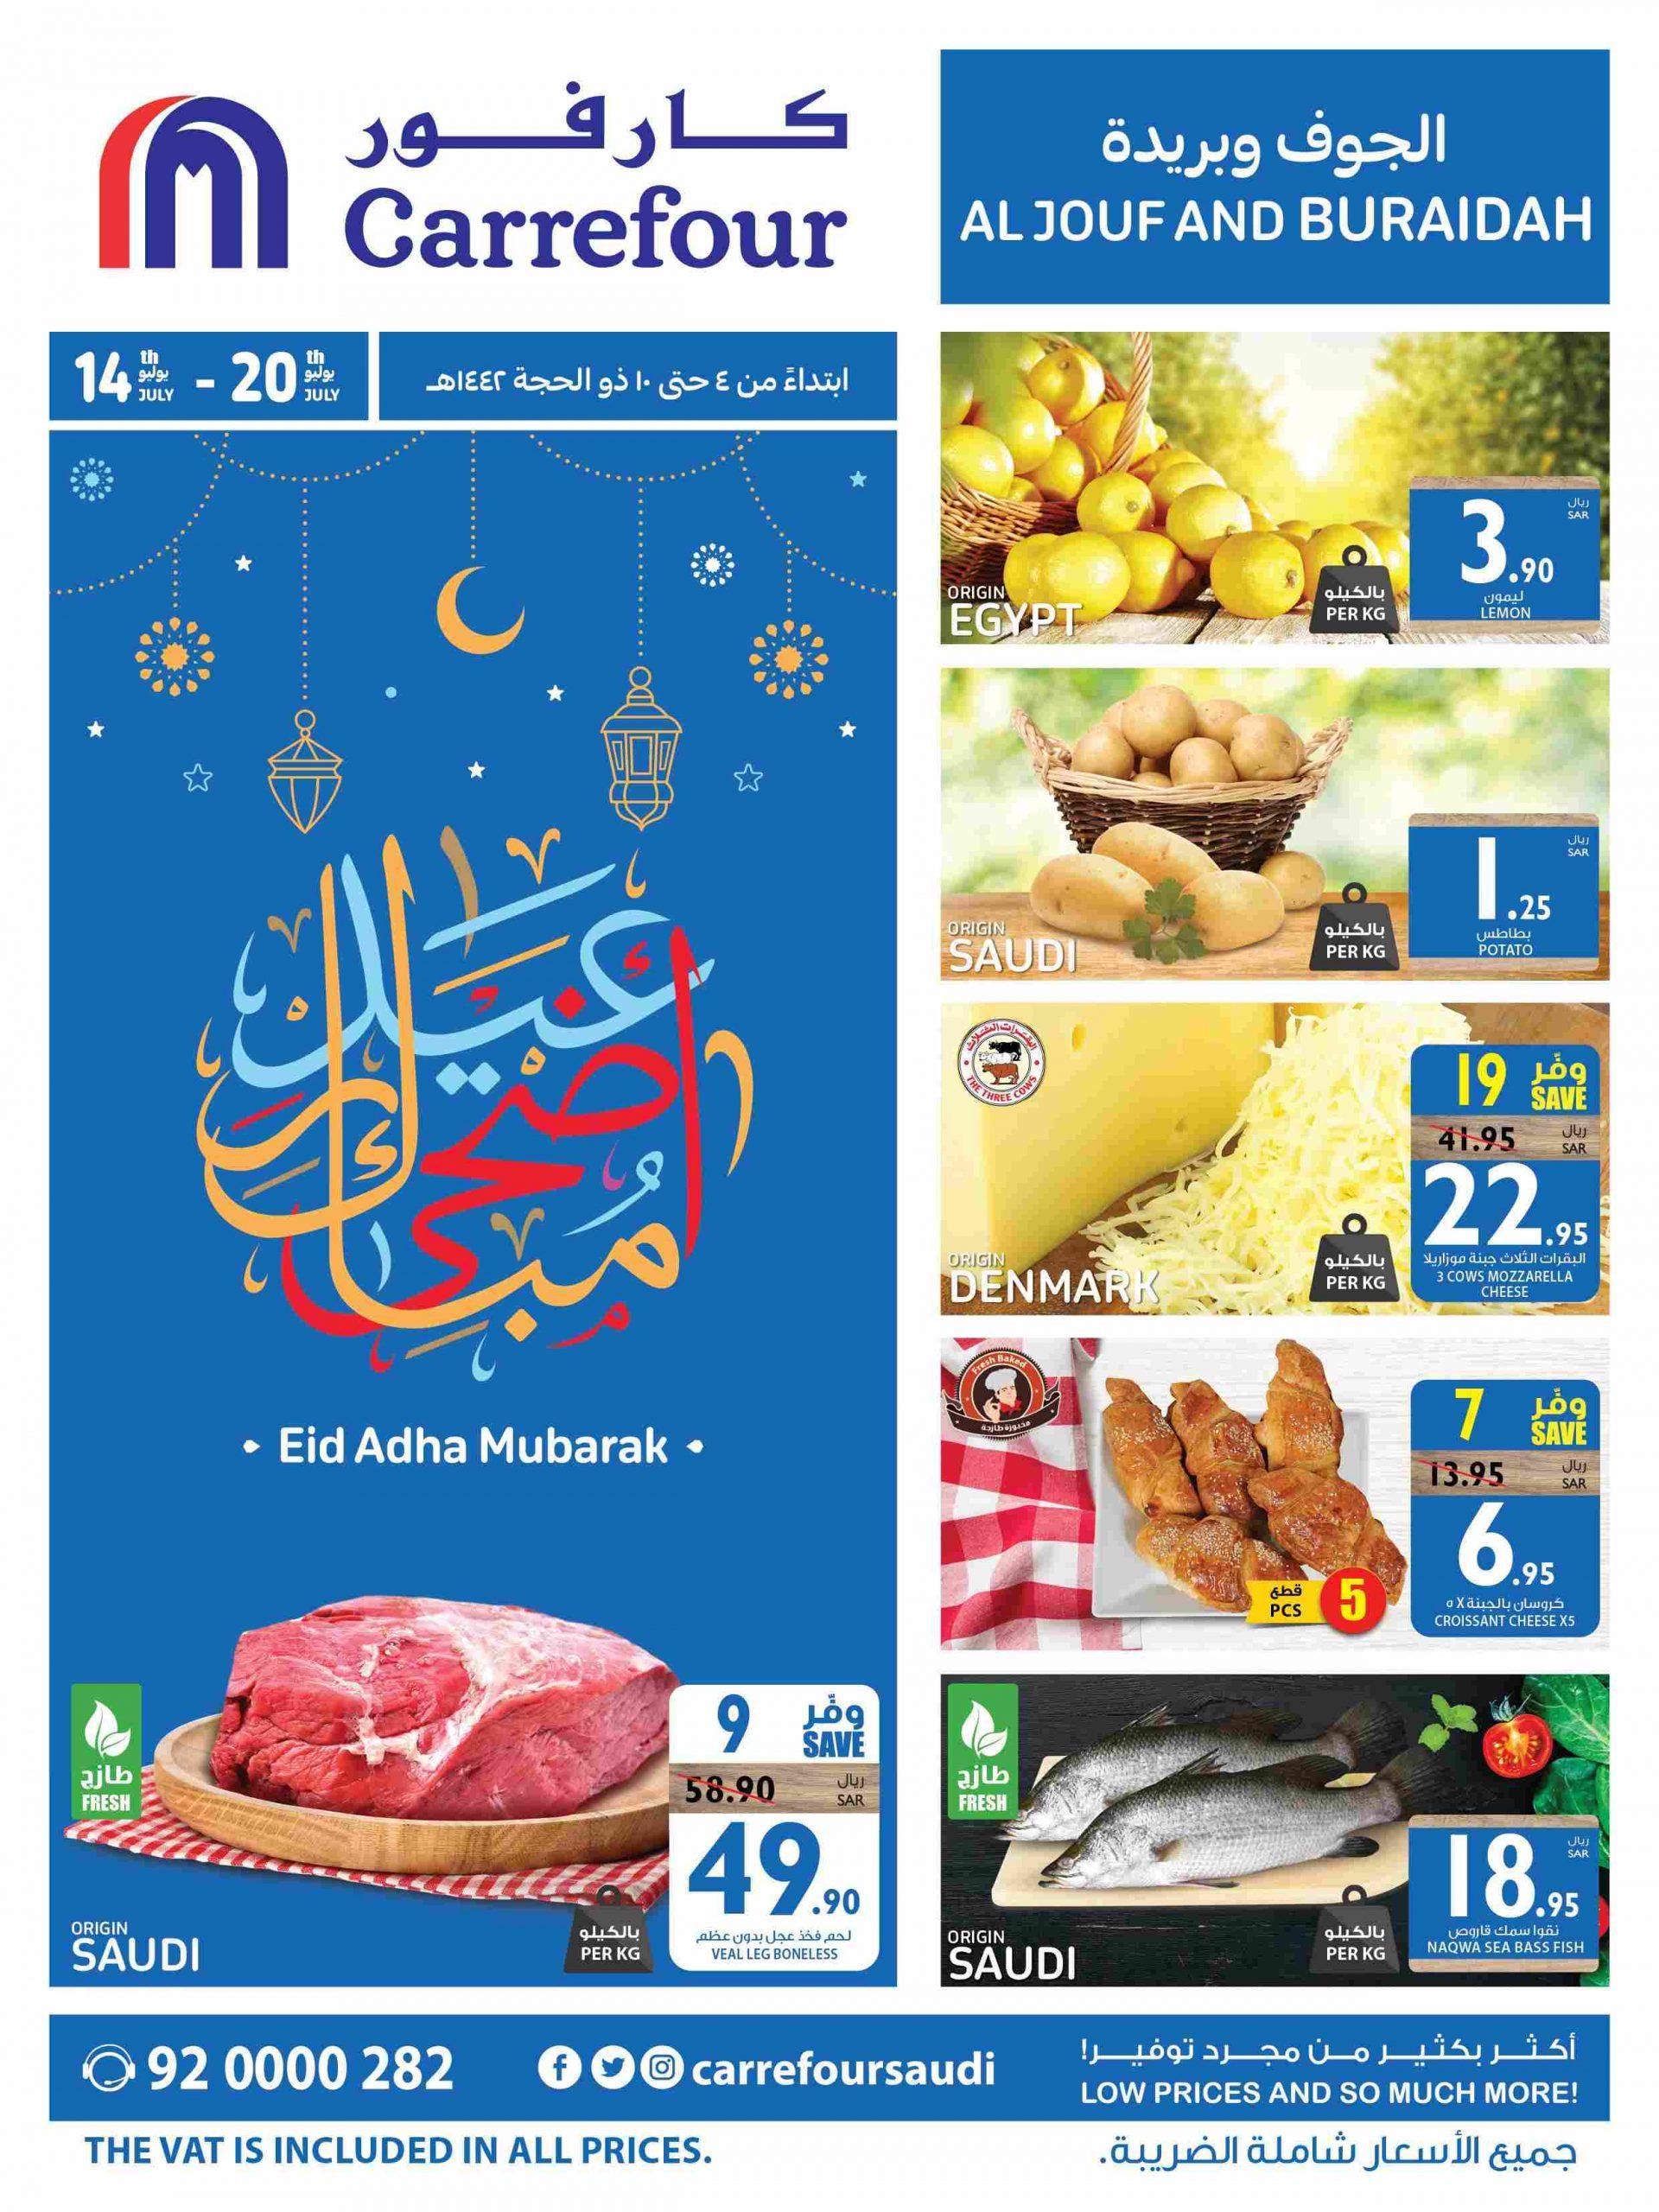 عروض كارفور السعودية اليوم 14 يوليو حتى 20 يوليو 2021 عيد أضحى مبارك